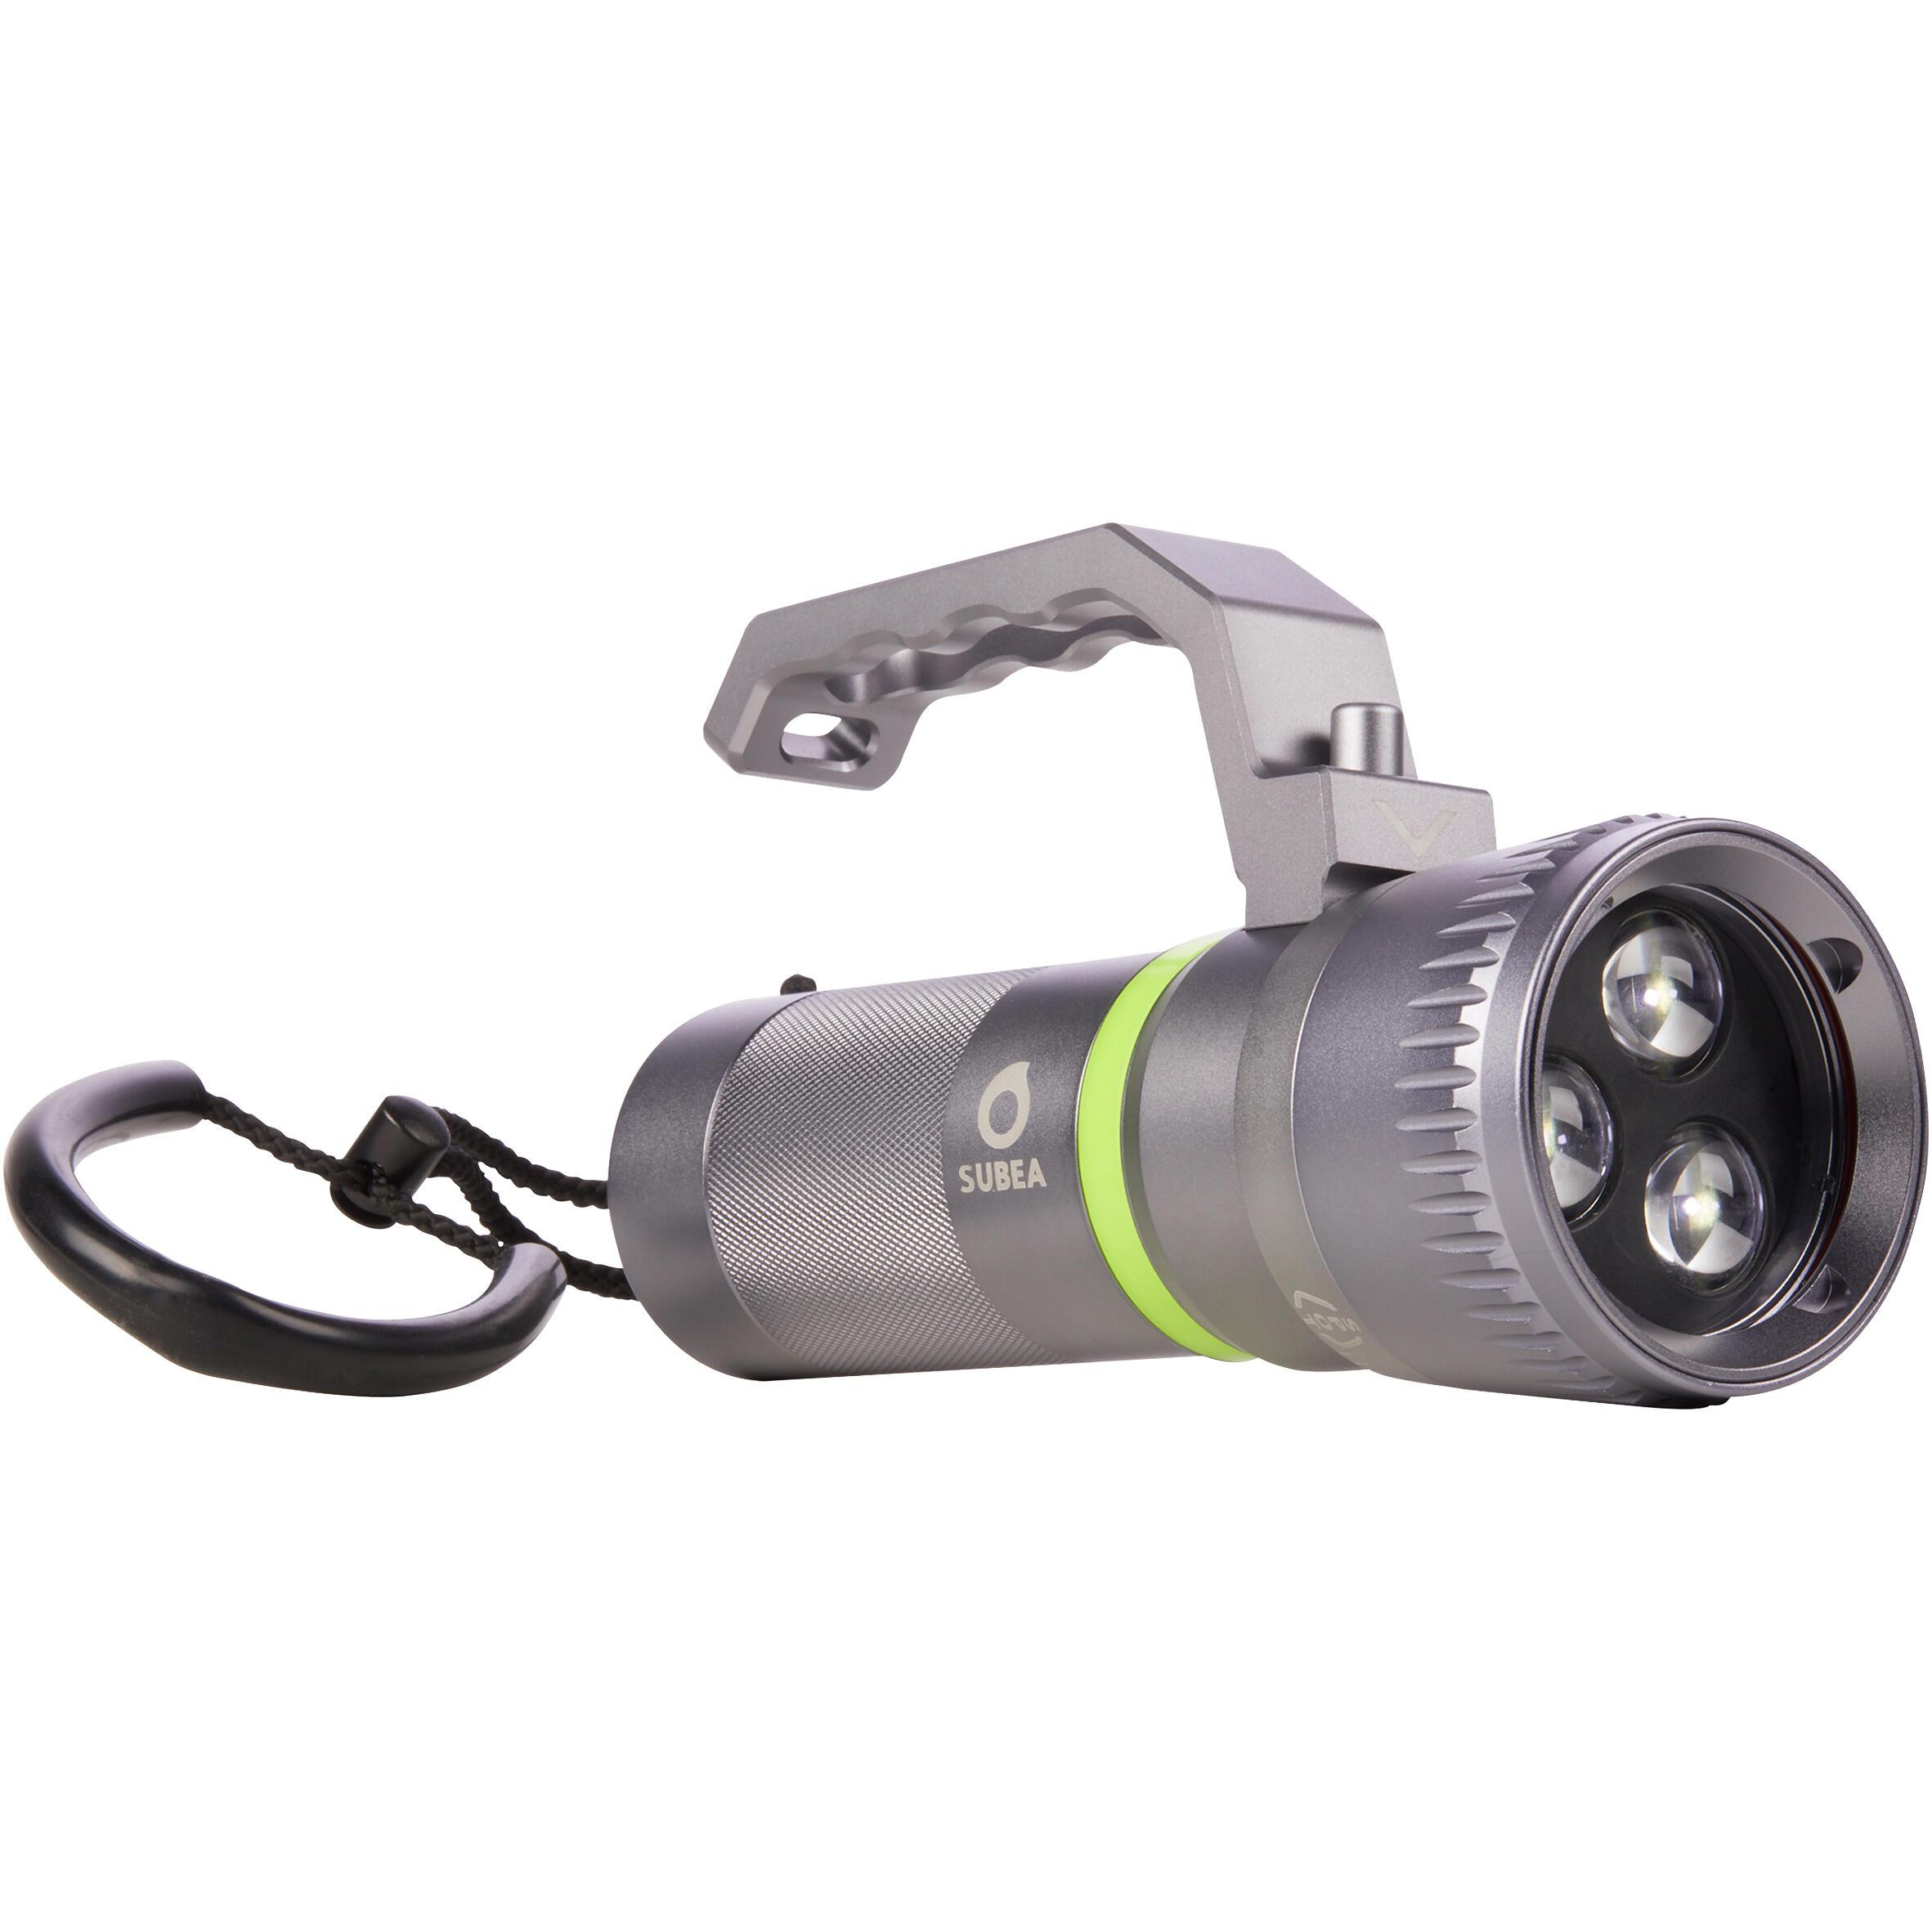 Subea Duiklamp 800 lumen brede regelbare lichtbundel kopen? Leest dit eerst: Duikhorloges en duiklampen Duiklamp met korting